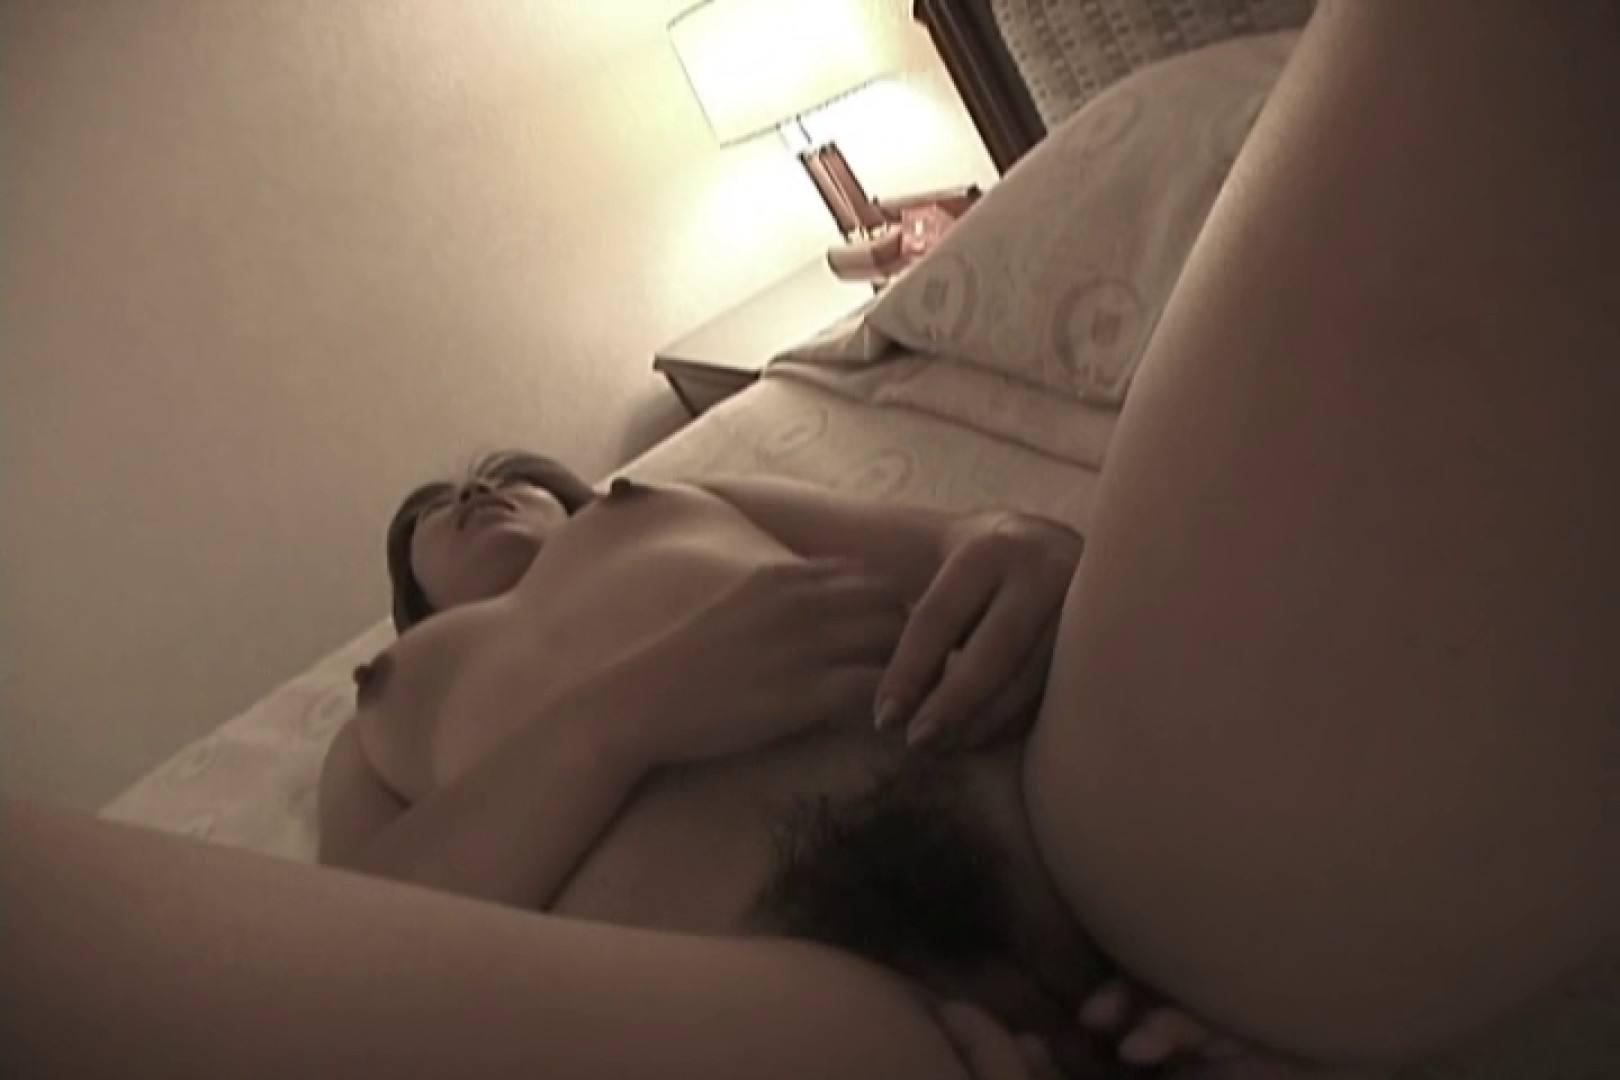 ツンデレ素人嬢もチンポには弱い~増田あけみ~ 素人丸裸   フェラ  99pic 1